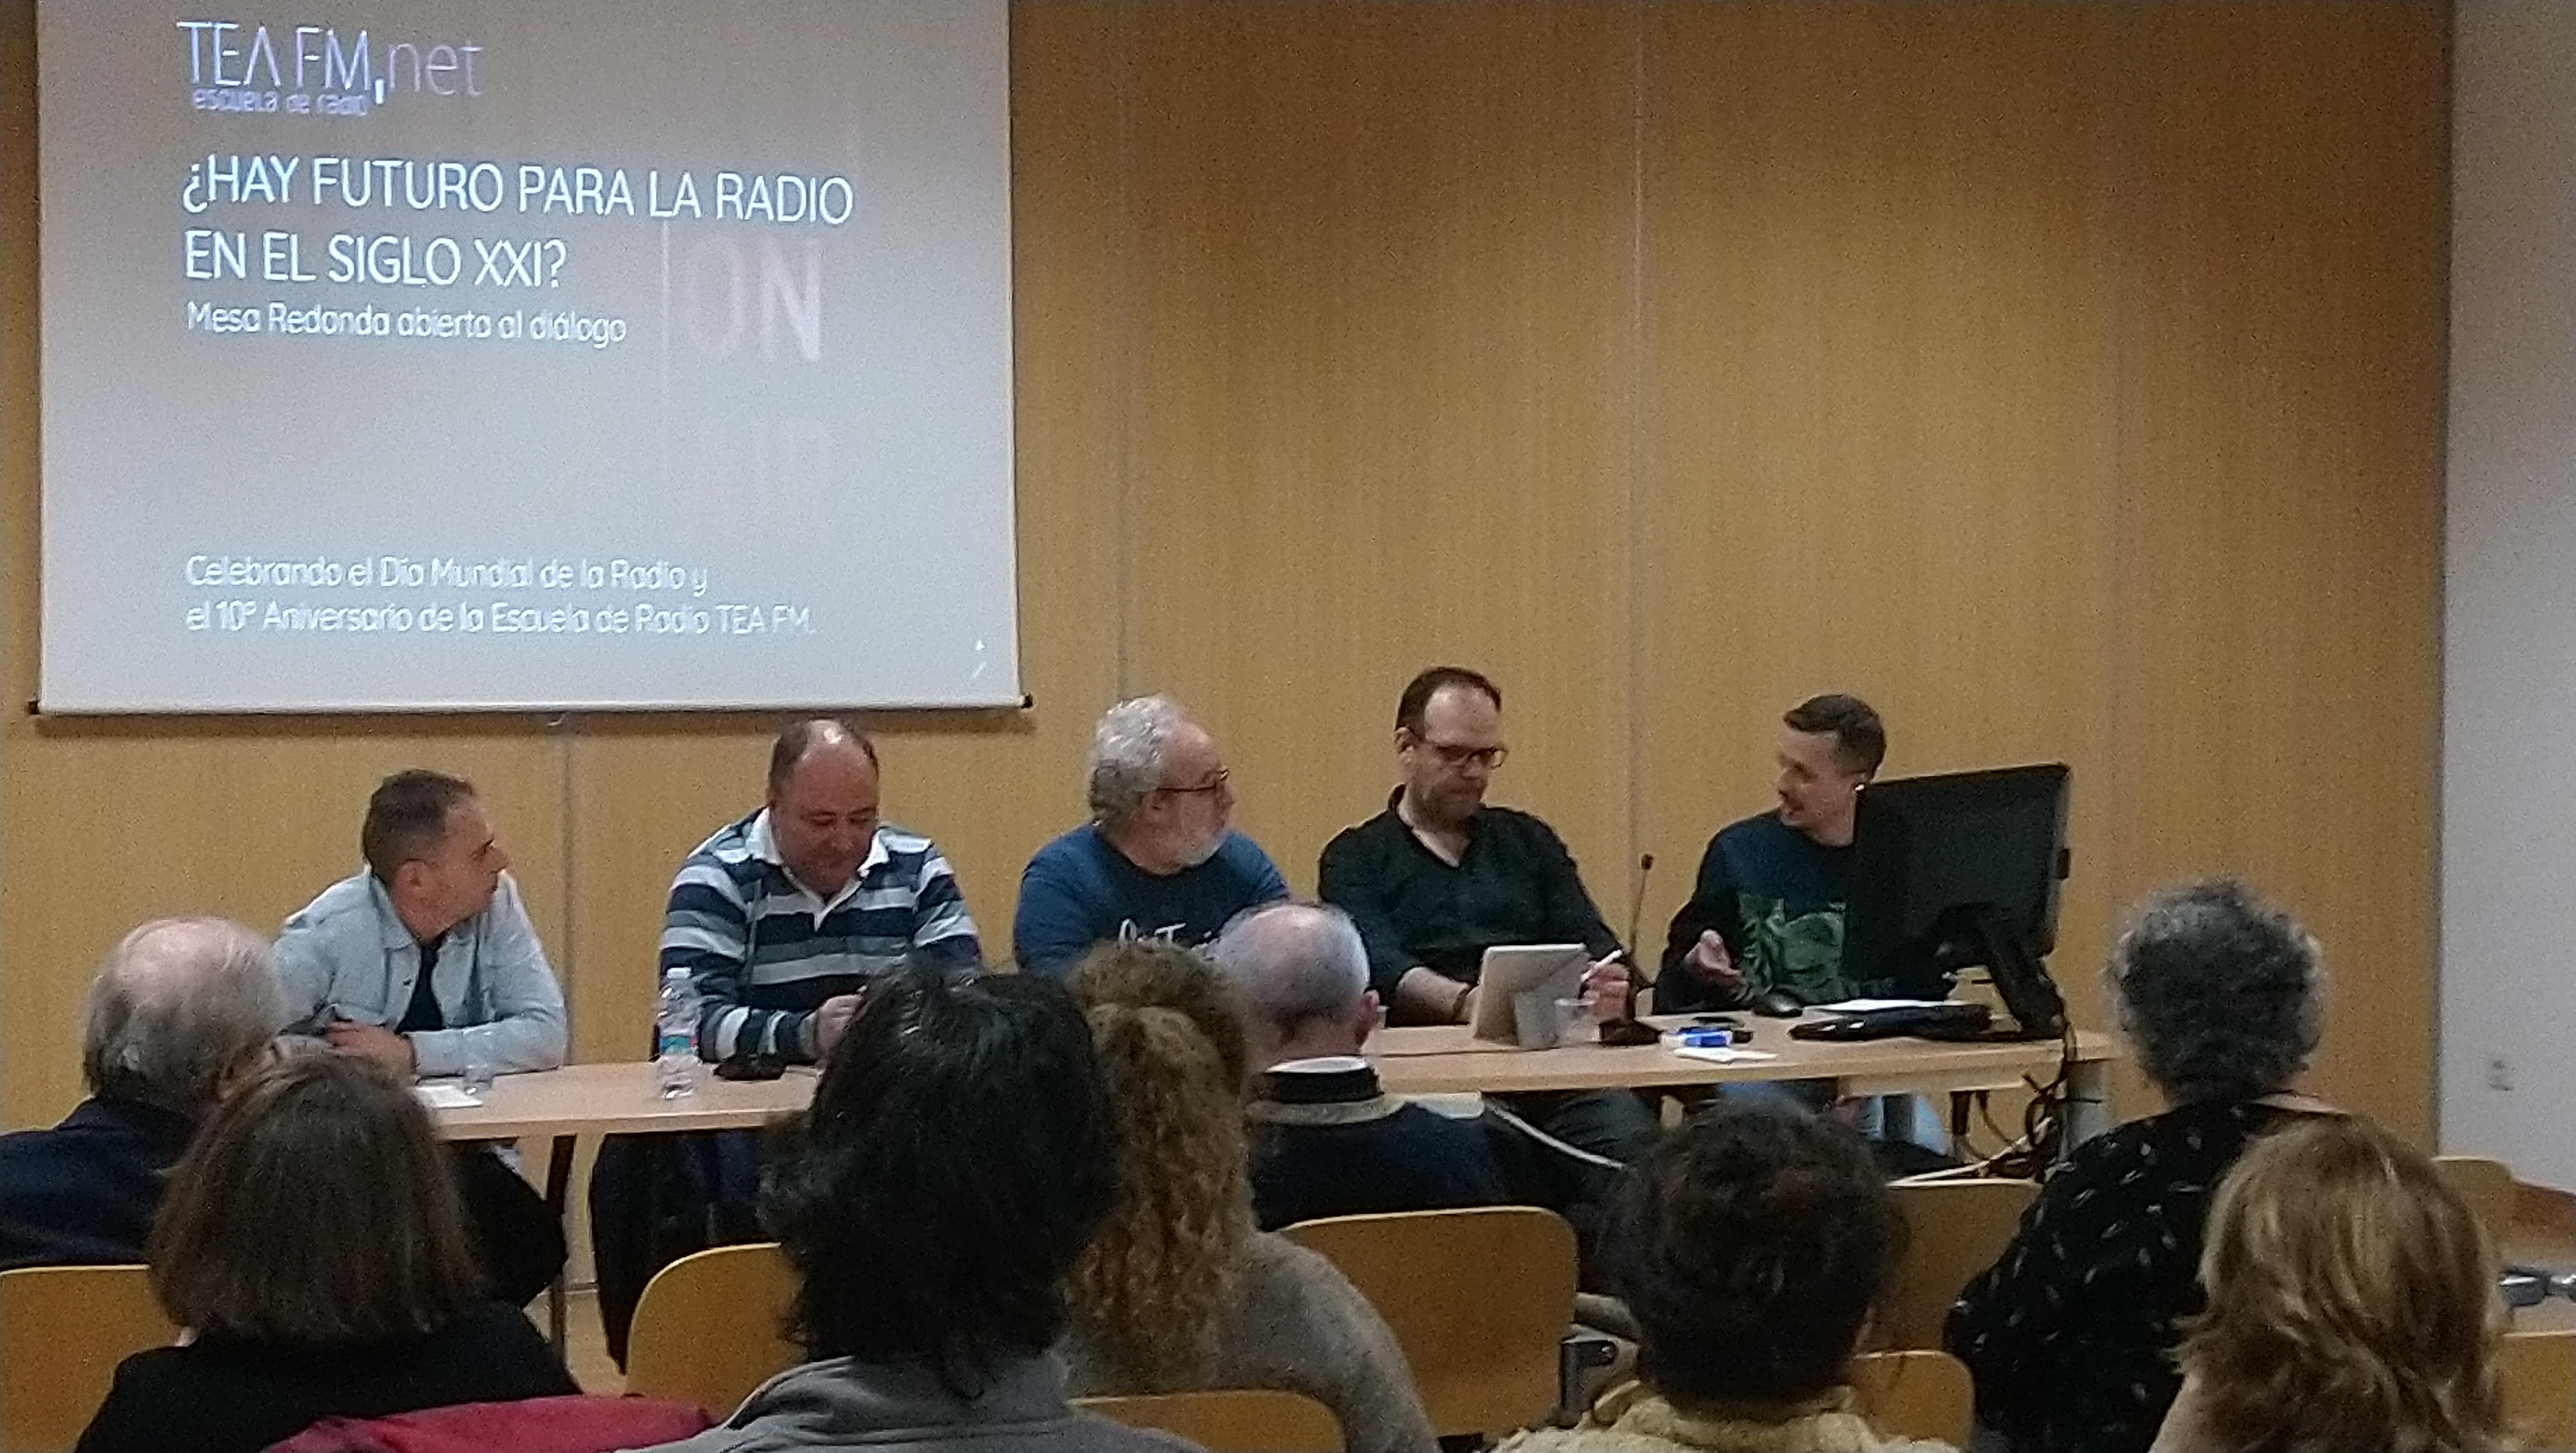 De izda a decha: Sergio Falces, Juan Rocha, Chusé Fernández, David Marqueta y Alberto Baeyens.